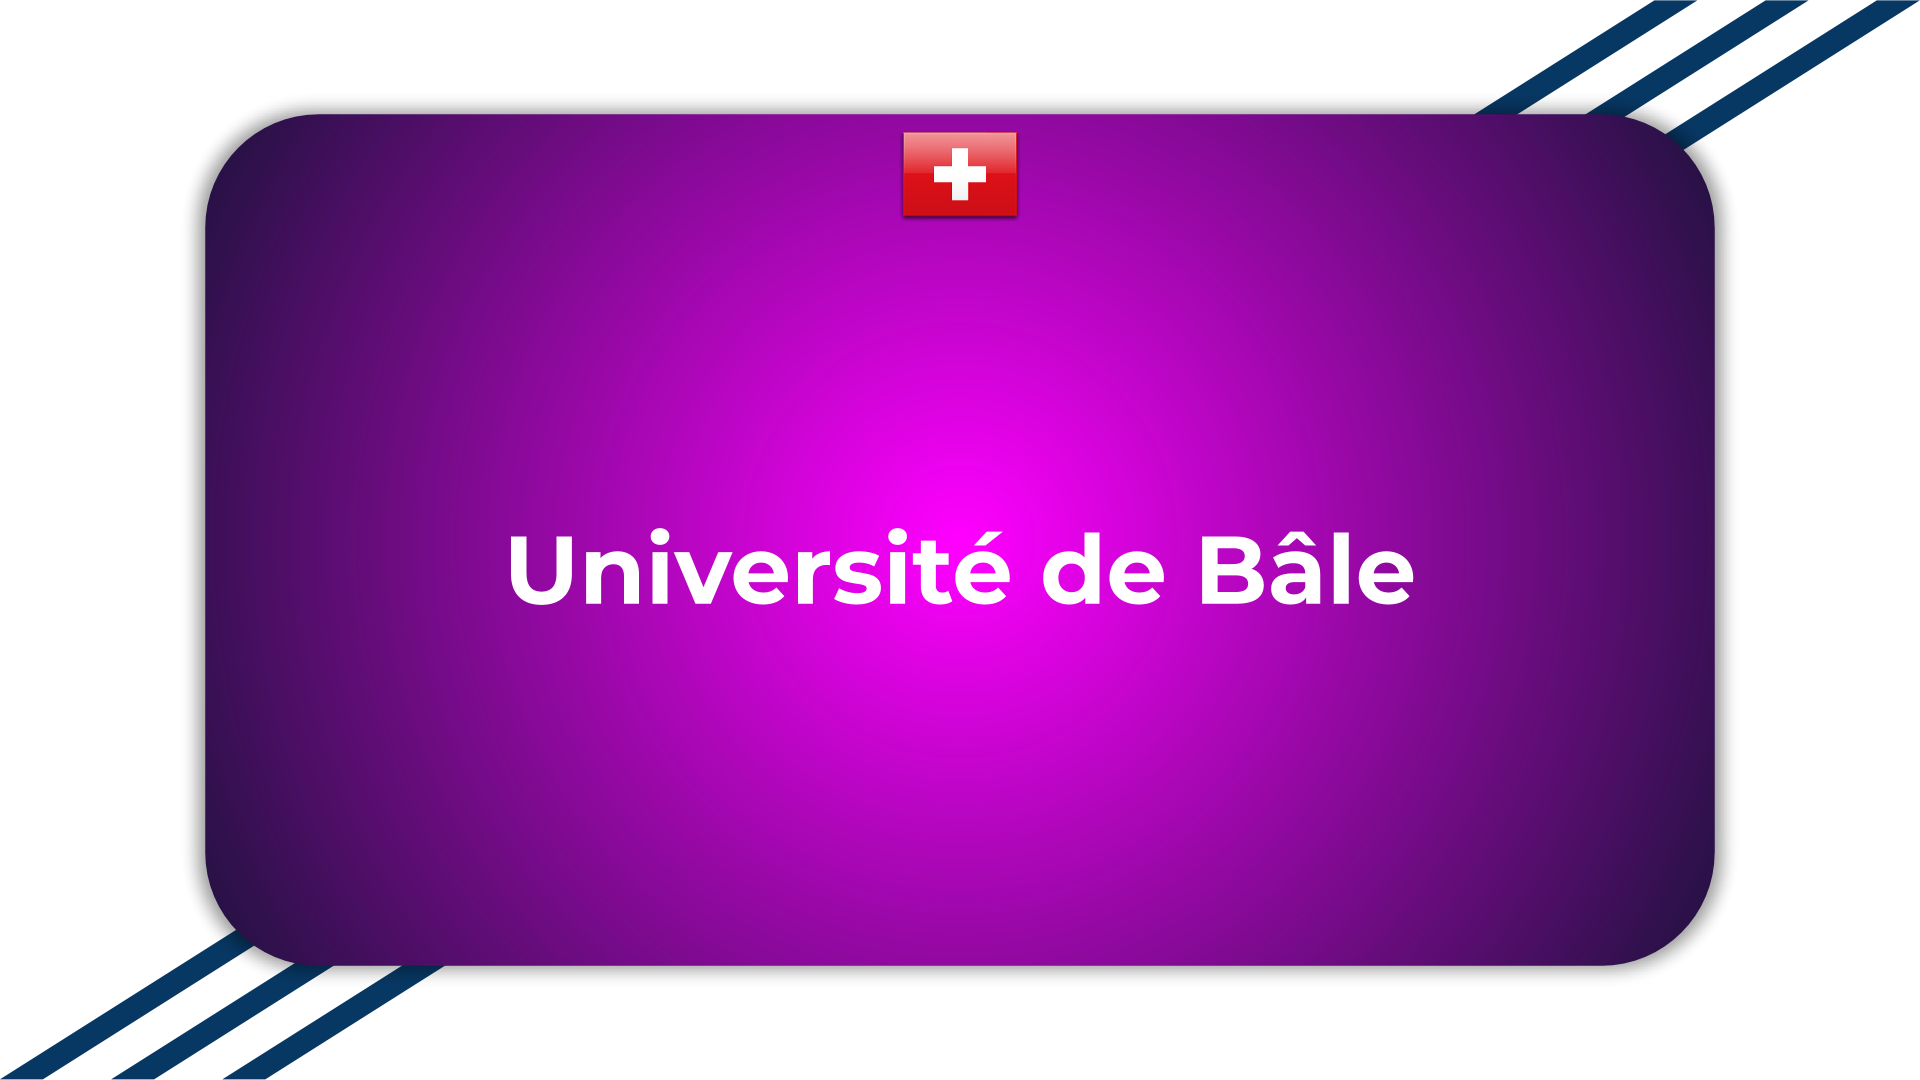 Université de Bâle